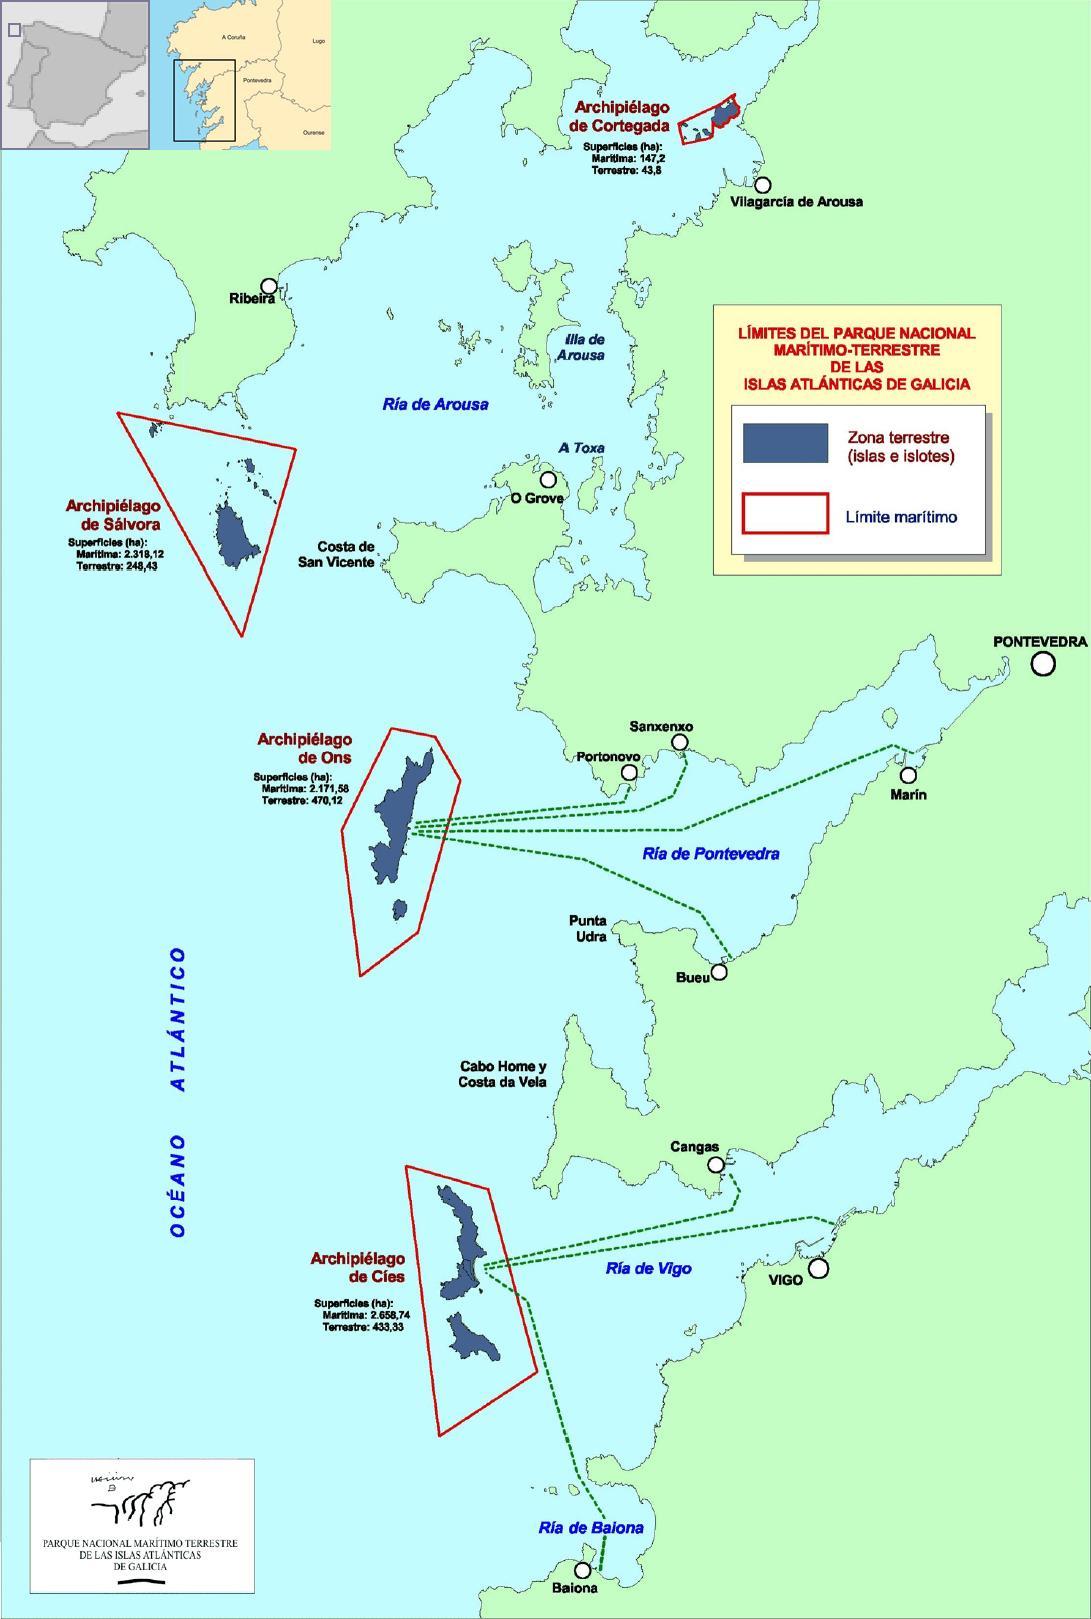 Plano de situación do Parque Nacional marítimo-terrestre das Illas Atlánticas de Galicia